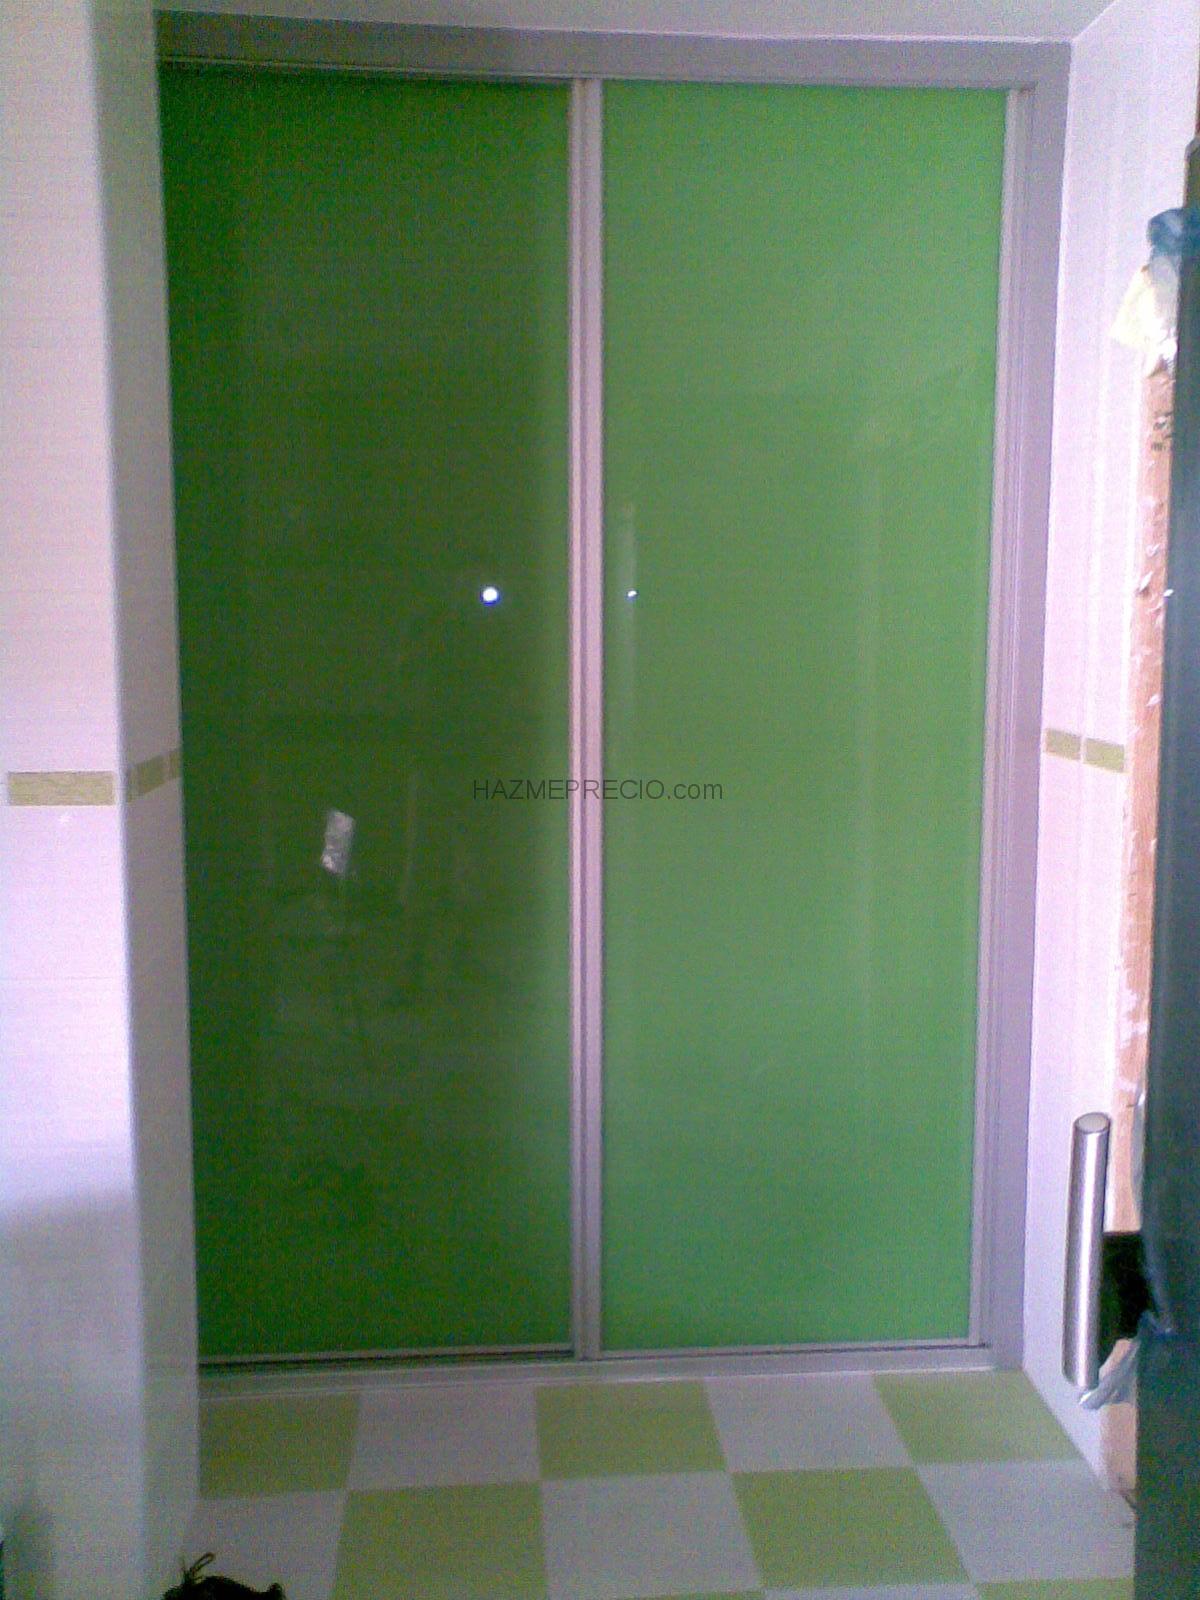 Presupuesto para poner 5 puertas blancas de madera en el for Presupuesto puertas de madera